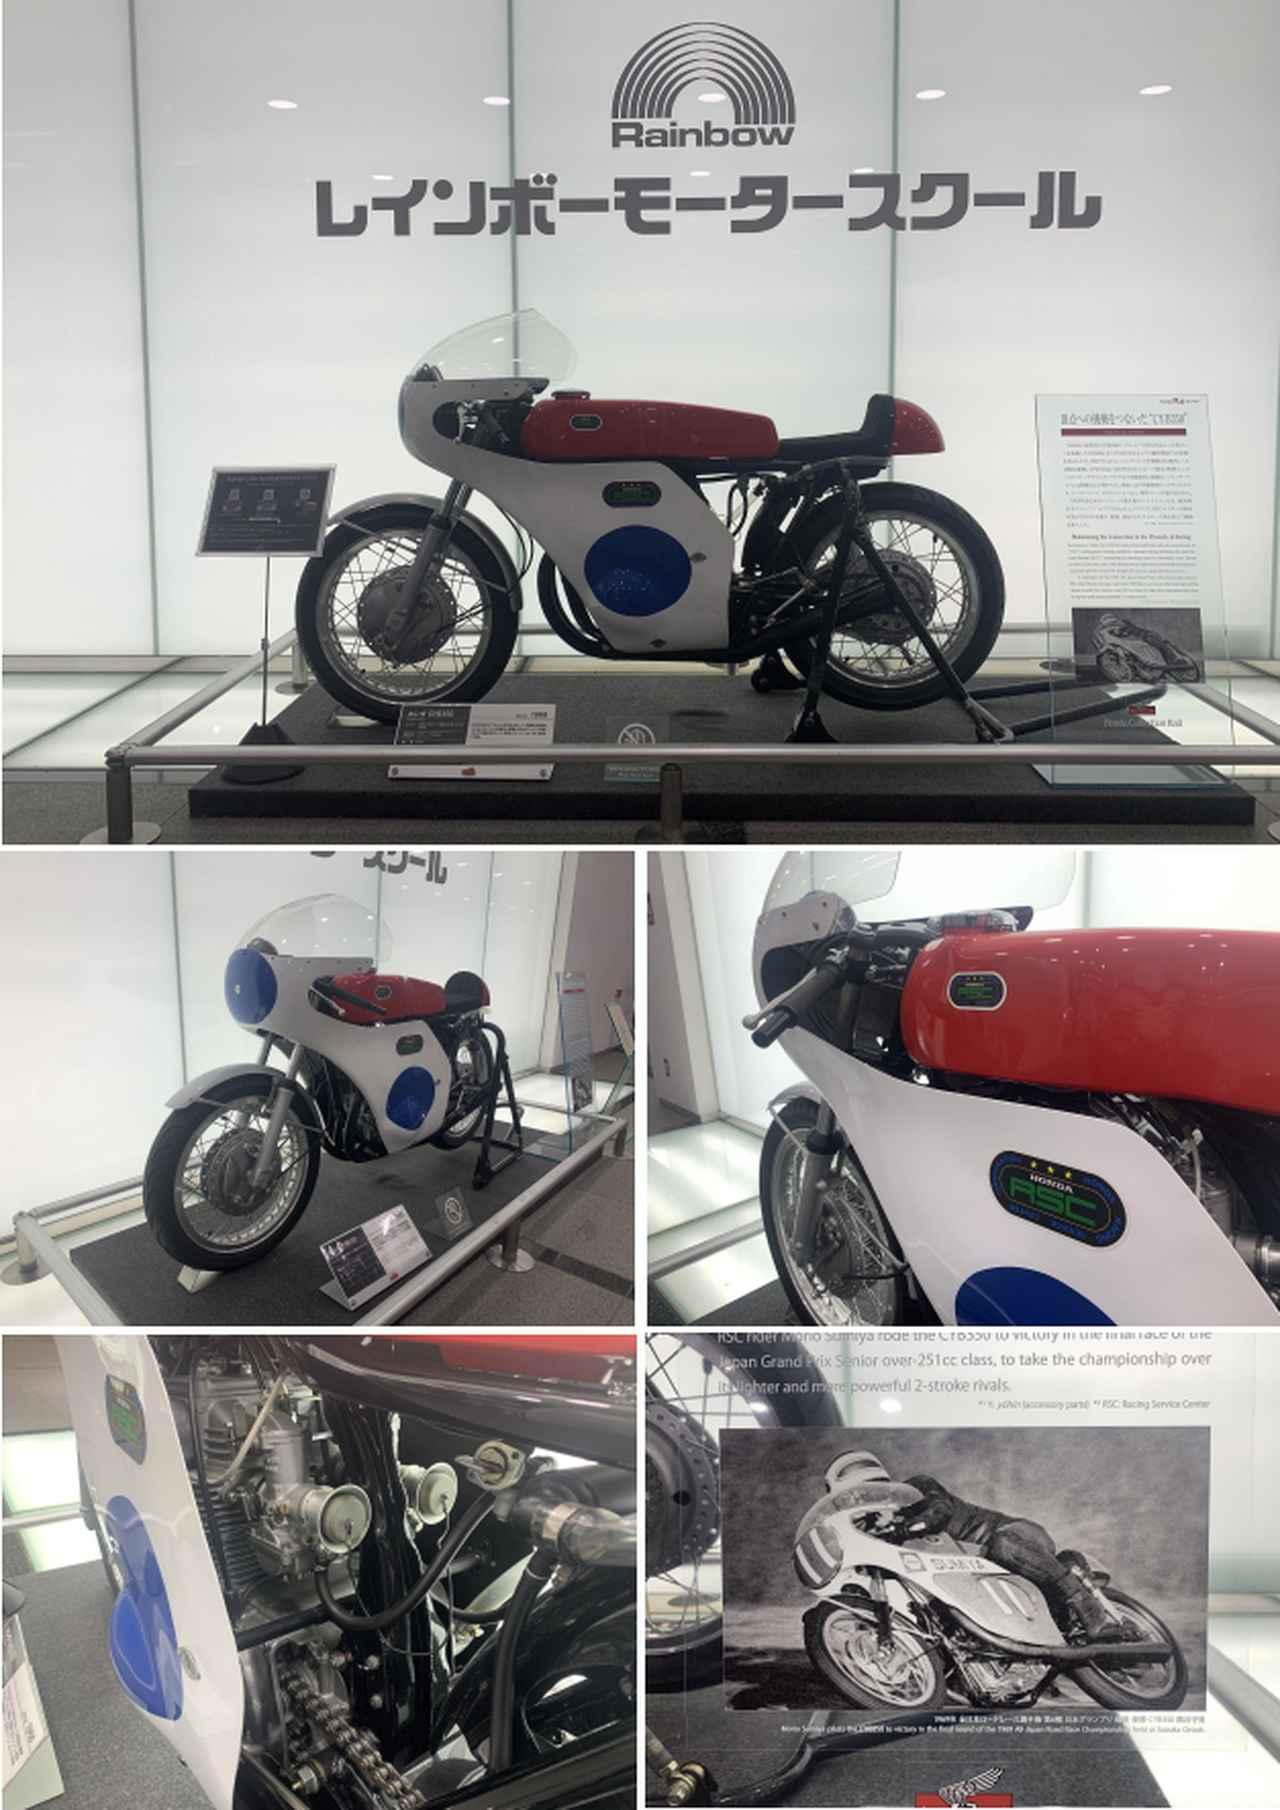 画像: 昨年、埼玉の自動車教習所である「レインボーモータースクール 和光」に展示された、1969年日本GP・セニア251cc〜クラスで優勝した隅谷守男のホンダCYB350(同型車・空冷4ストローク2気筒350cc)。この年、全日本選手権セニア125ccと251cc〜の2クラス王者となった隅谷守男は、初期の全日本選手権を盛り上げた名手でした。 www.rms.co.jp